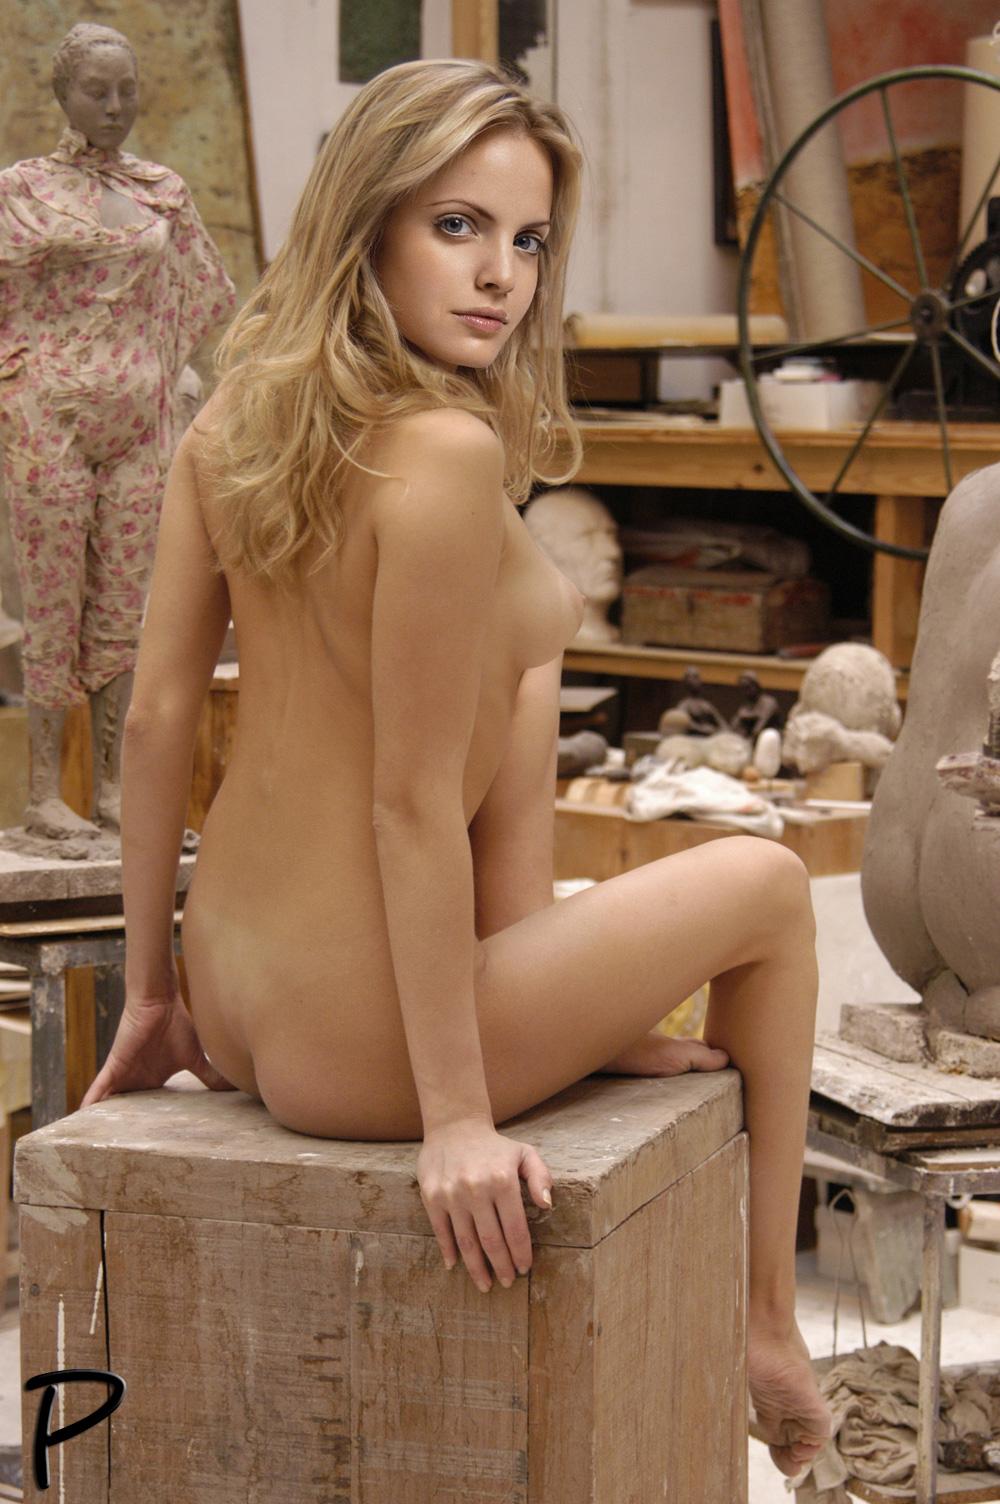 Mena suvari Naked